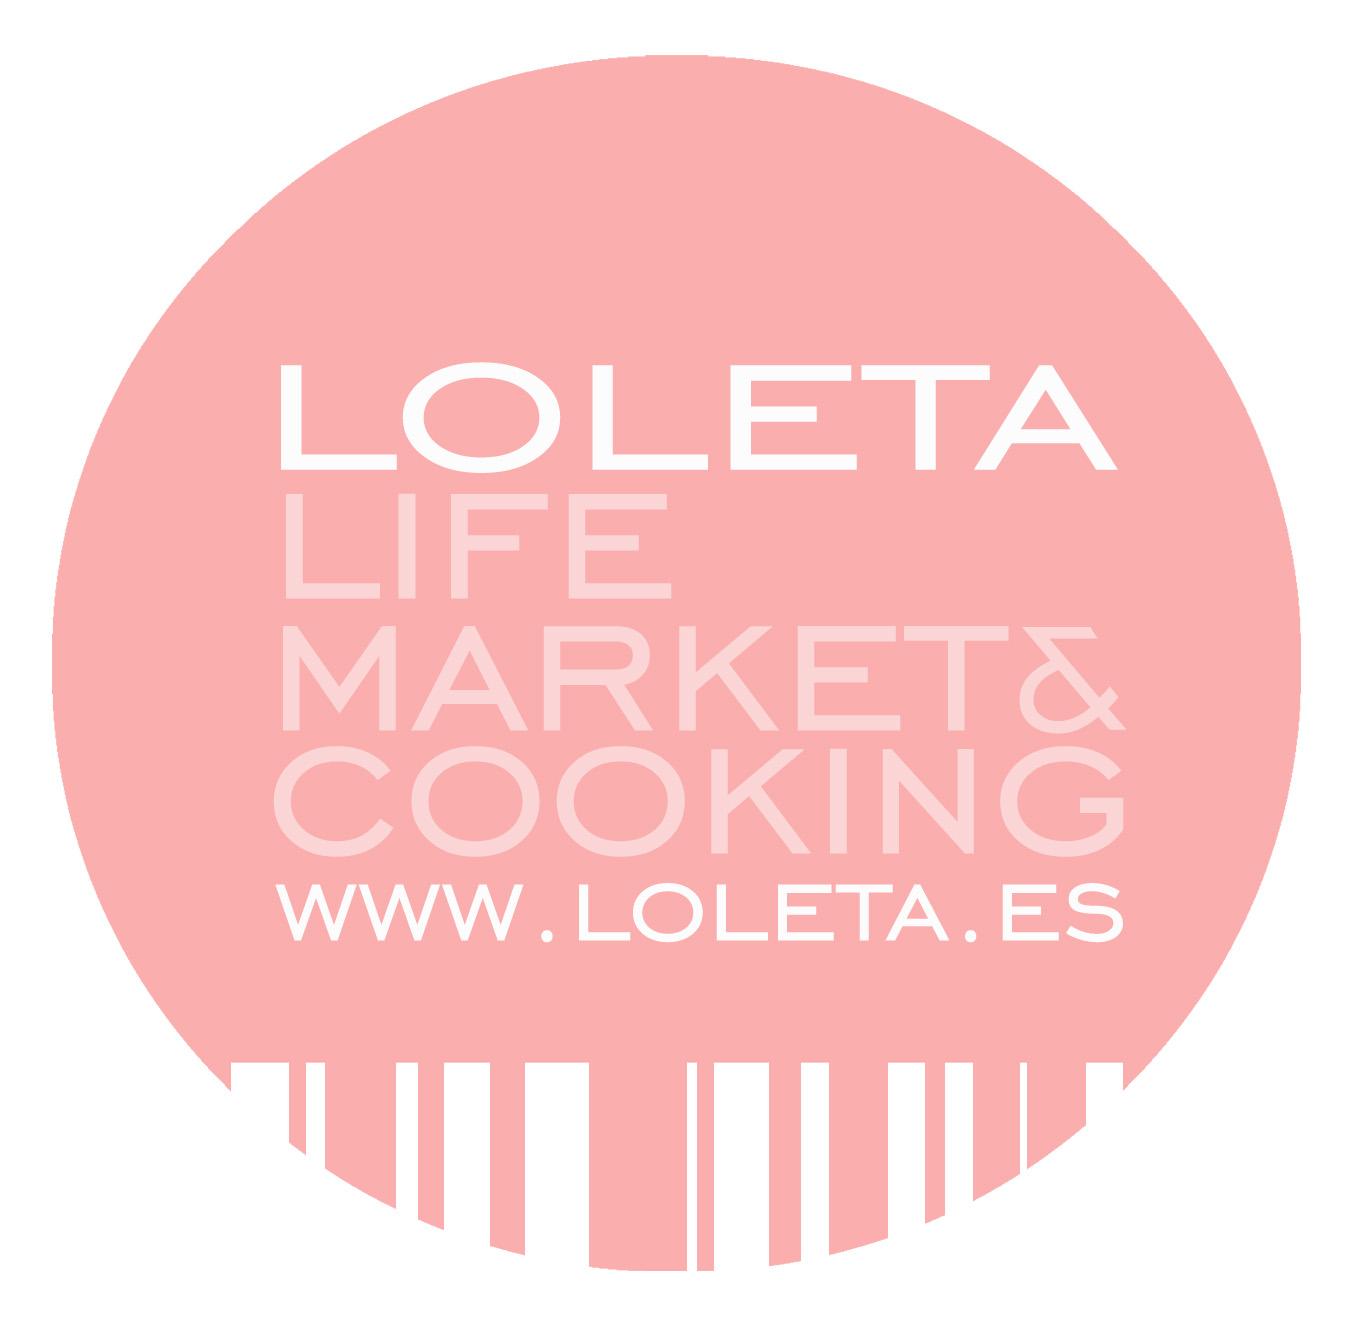 Loleta